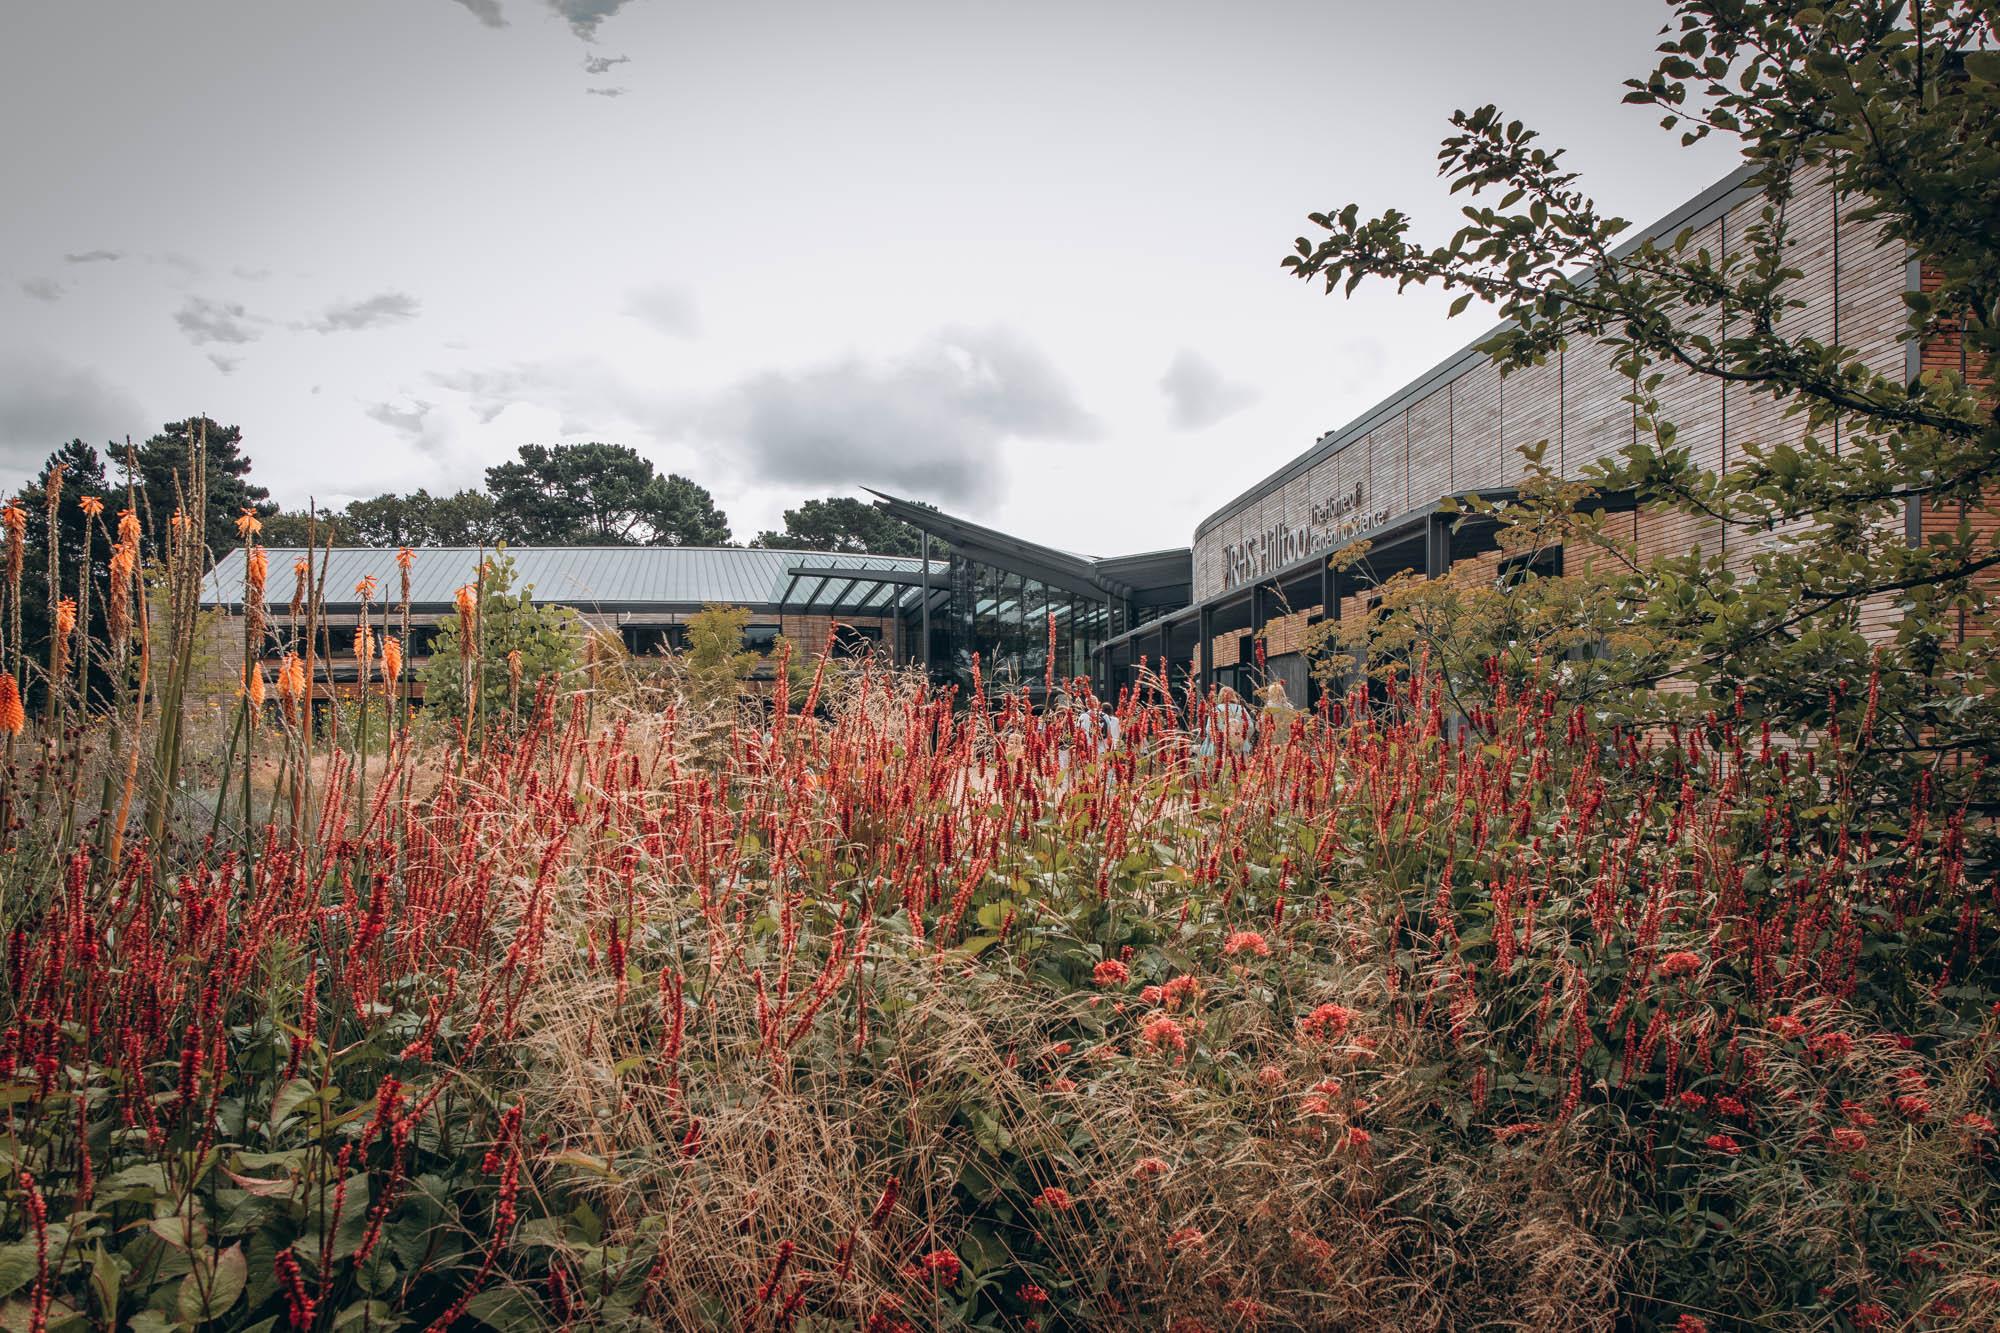 RHS Hilltop at RHS Garden Wisley